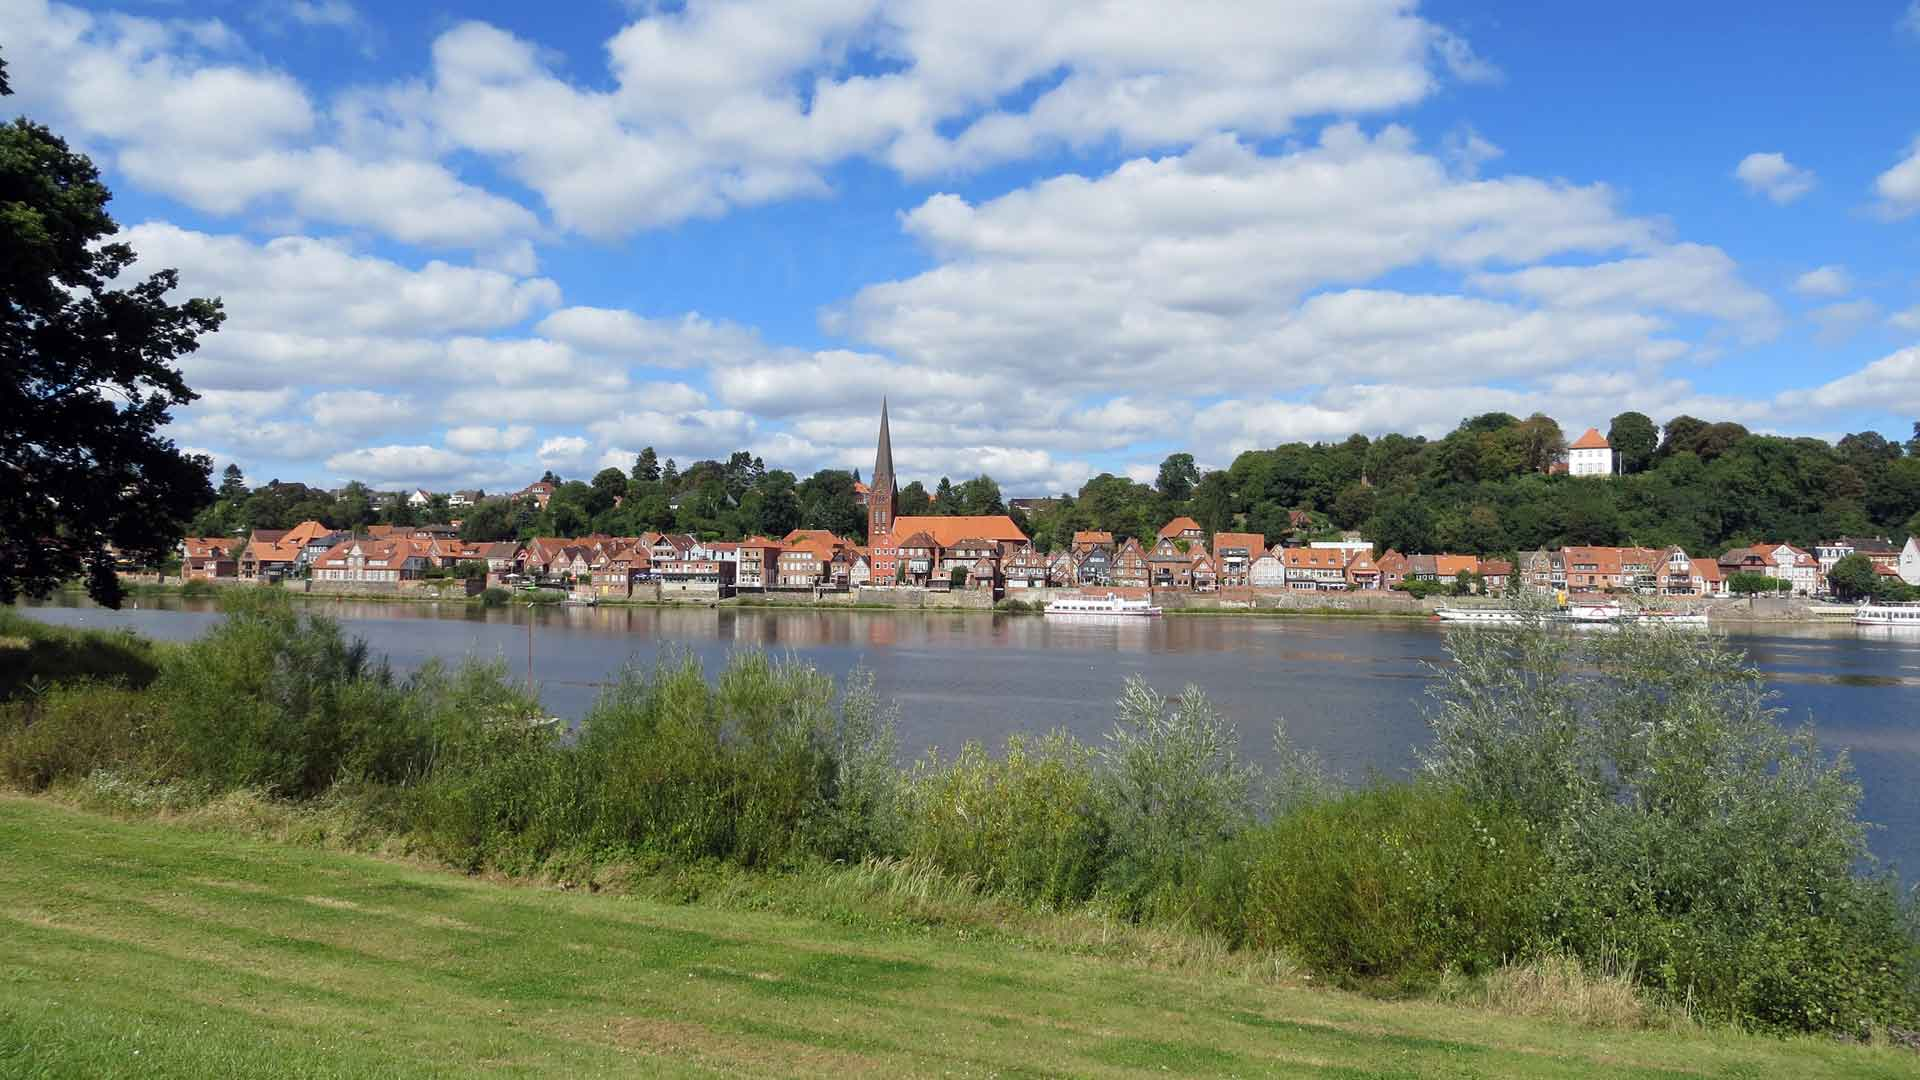 Het plaatsje Lauenburg aan de Elbe.